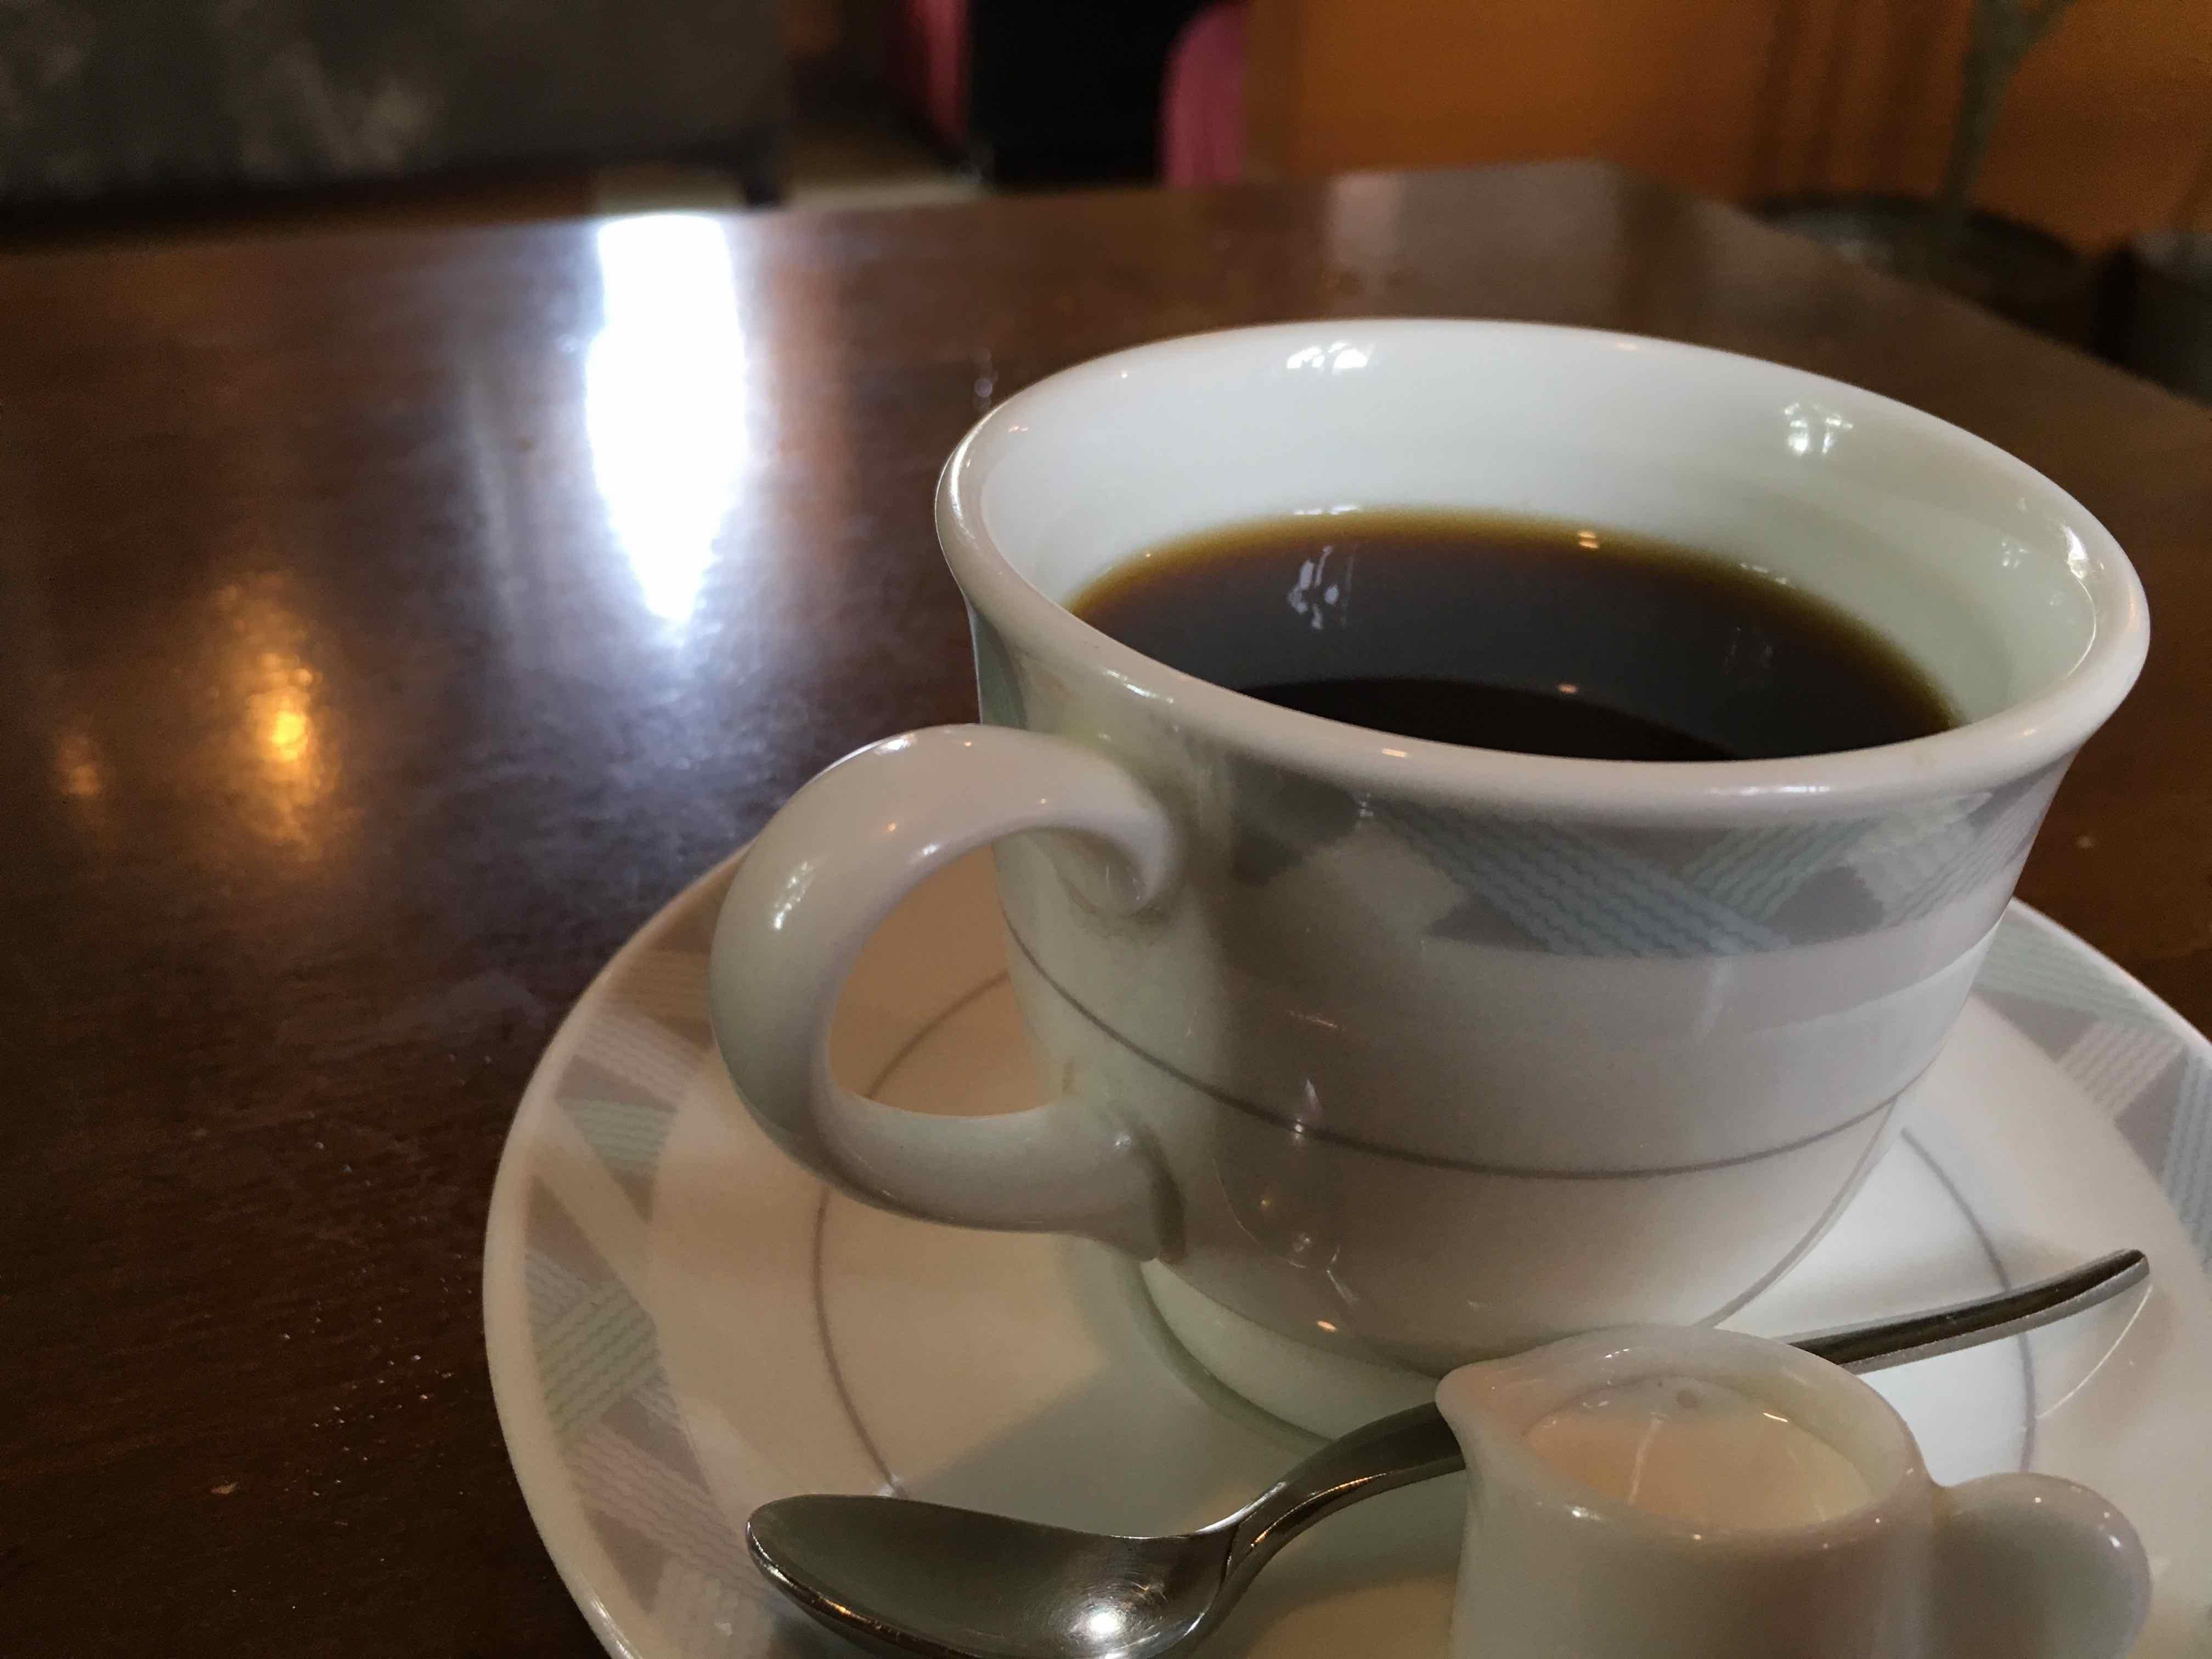 みとん今治,ビシェット,喫茶店,カフェ,純喫茶,鳥生,モーニング